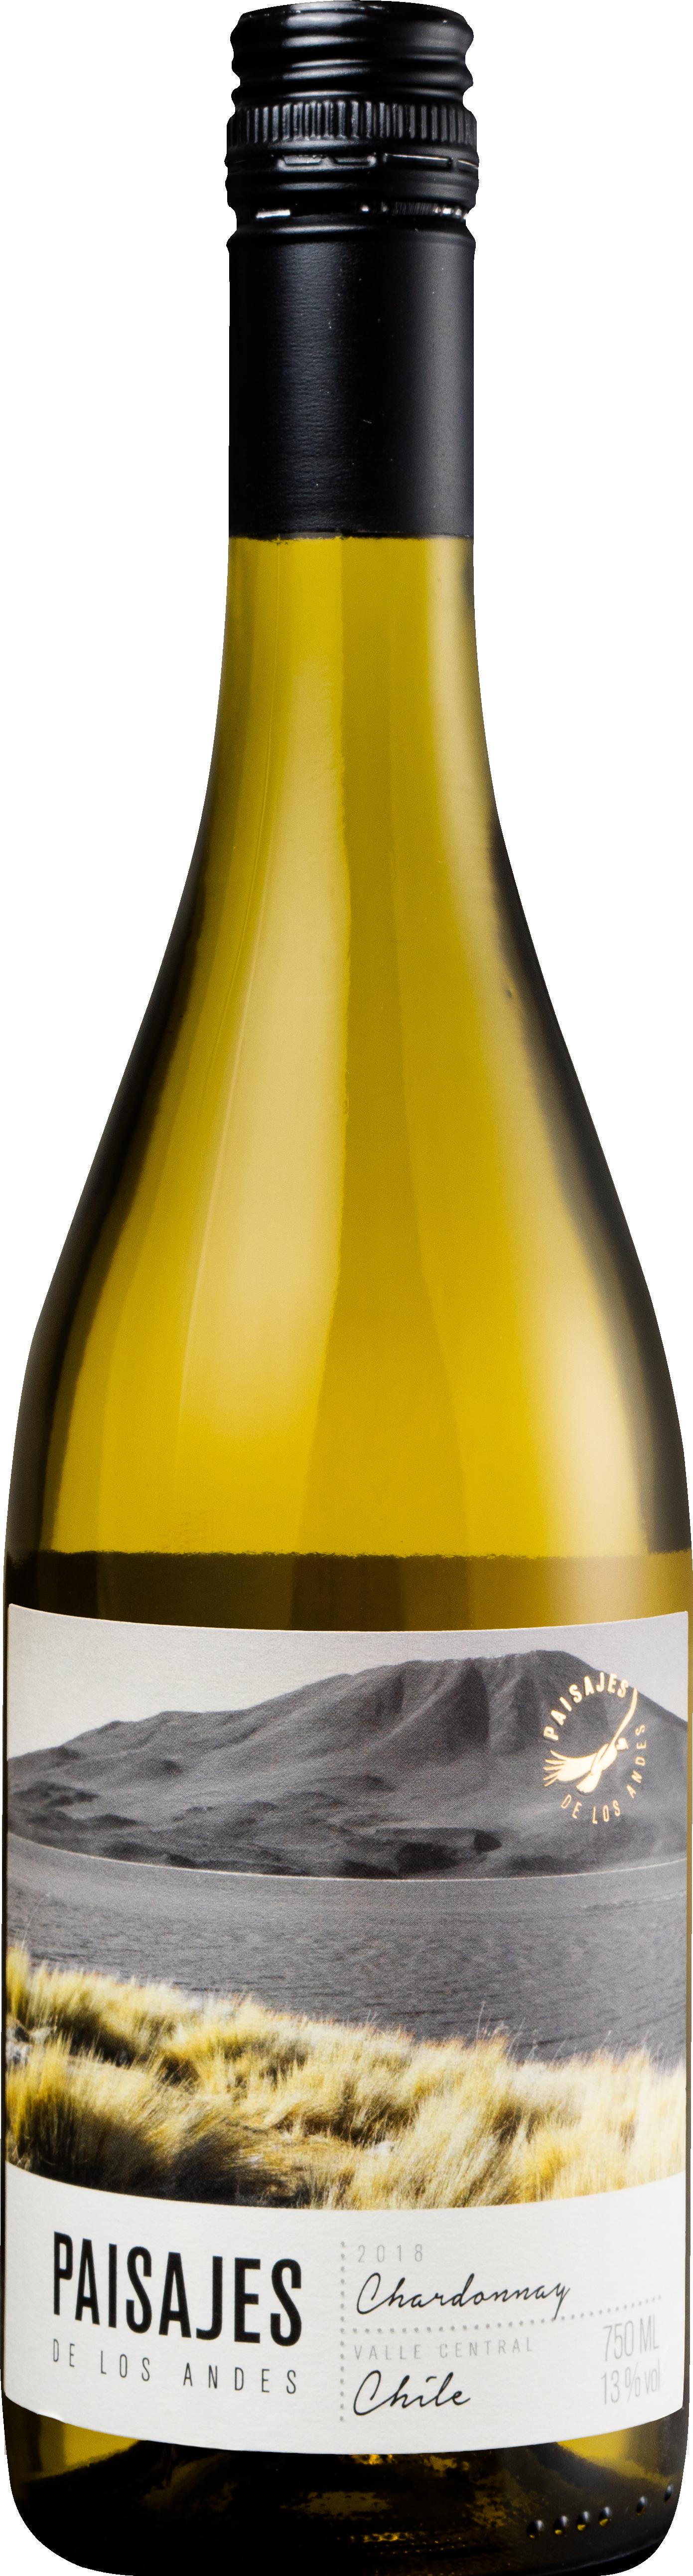 Paisajes de los Andes Classic Chardonnay